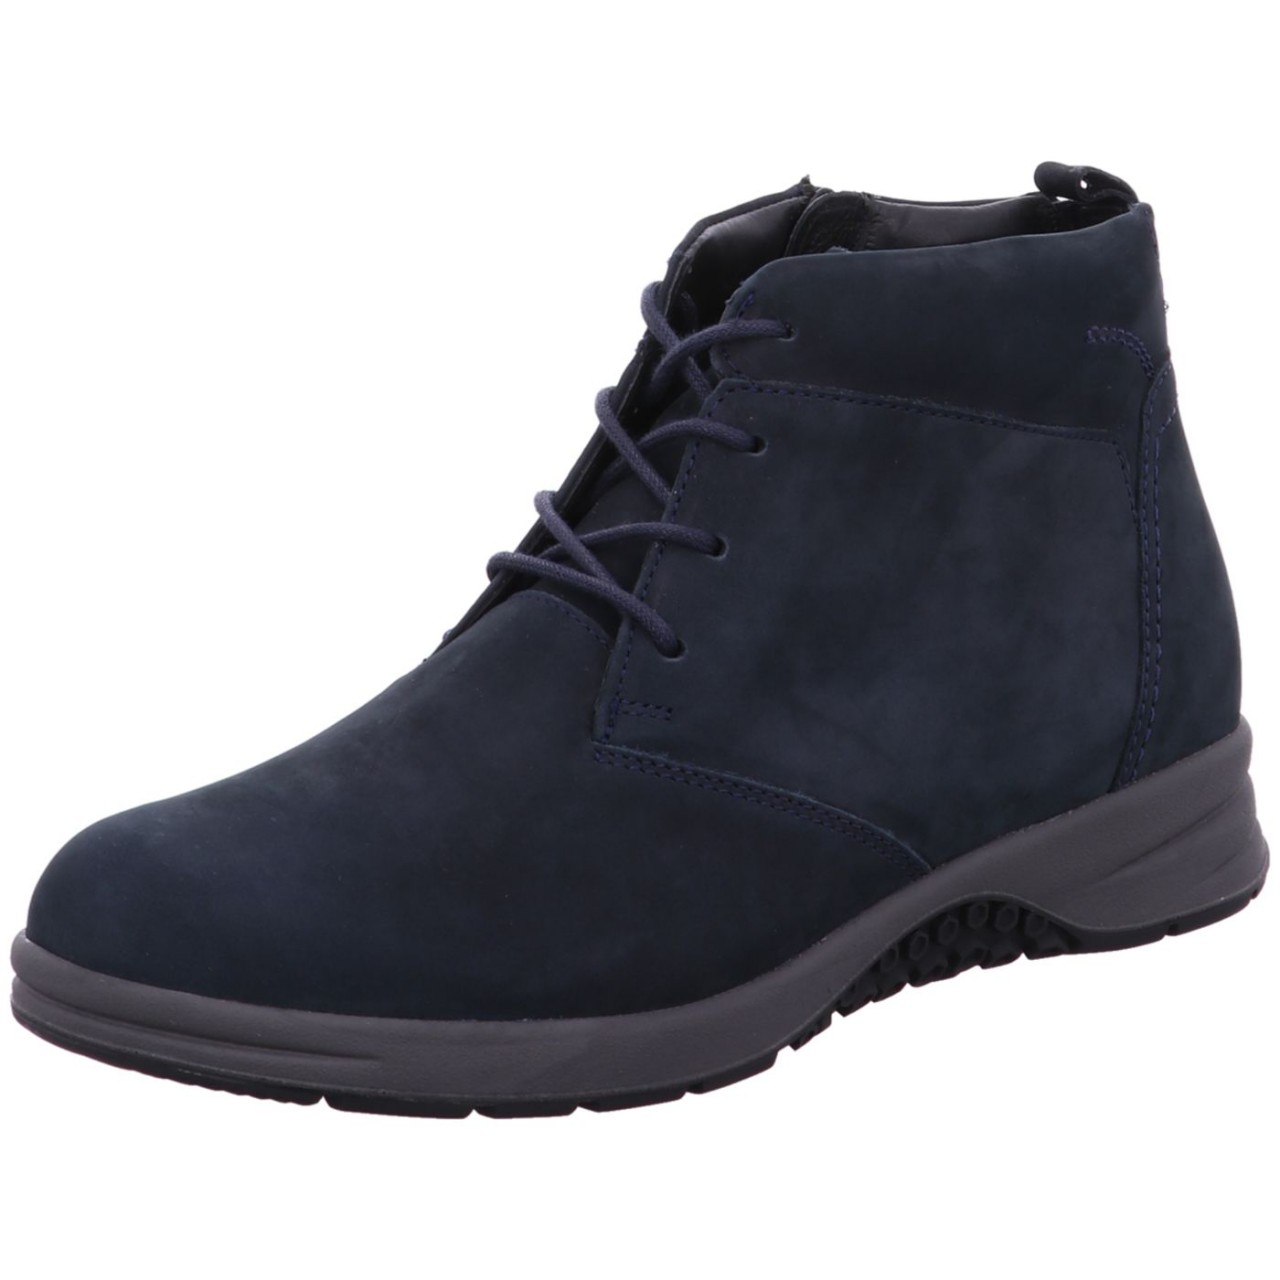 Ganter Boot Gwenda Blau navy 20/7818 3100